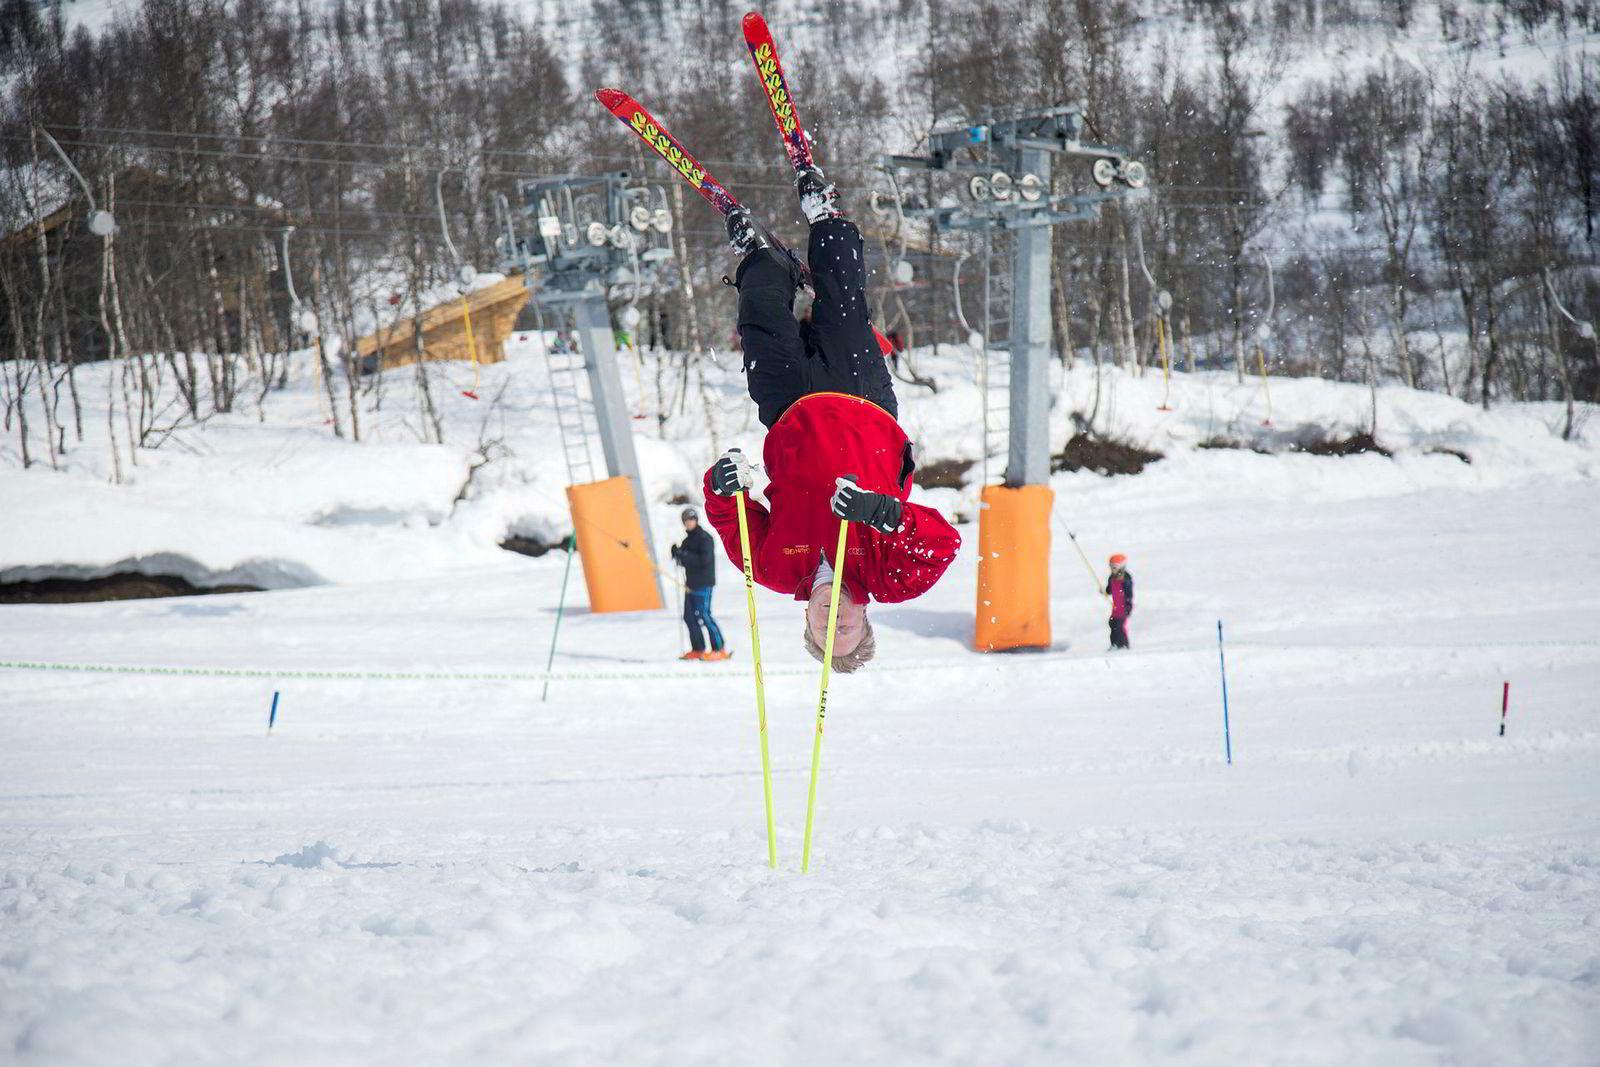 22 år etter forrige stavsalto gjør Rune Kristiansen det igjen. 53-åringen er storfornøyd med å ha hengt opp ned i comebacket, uten å bli skadet.